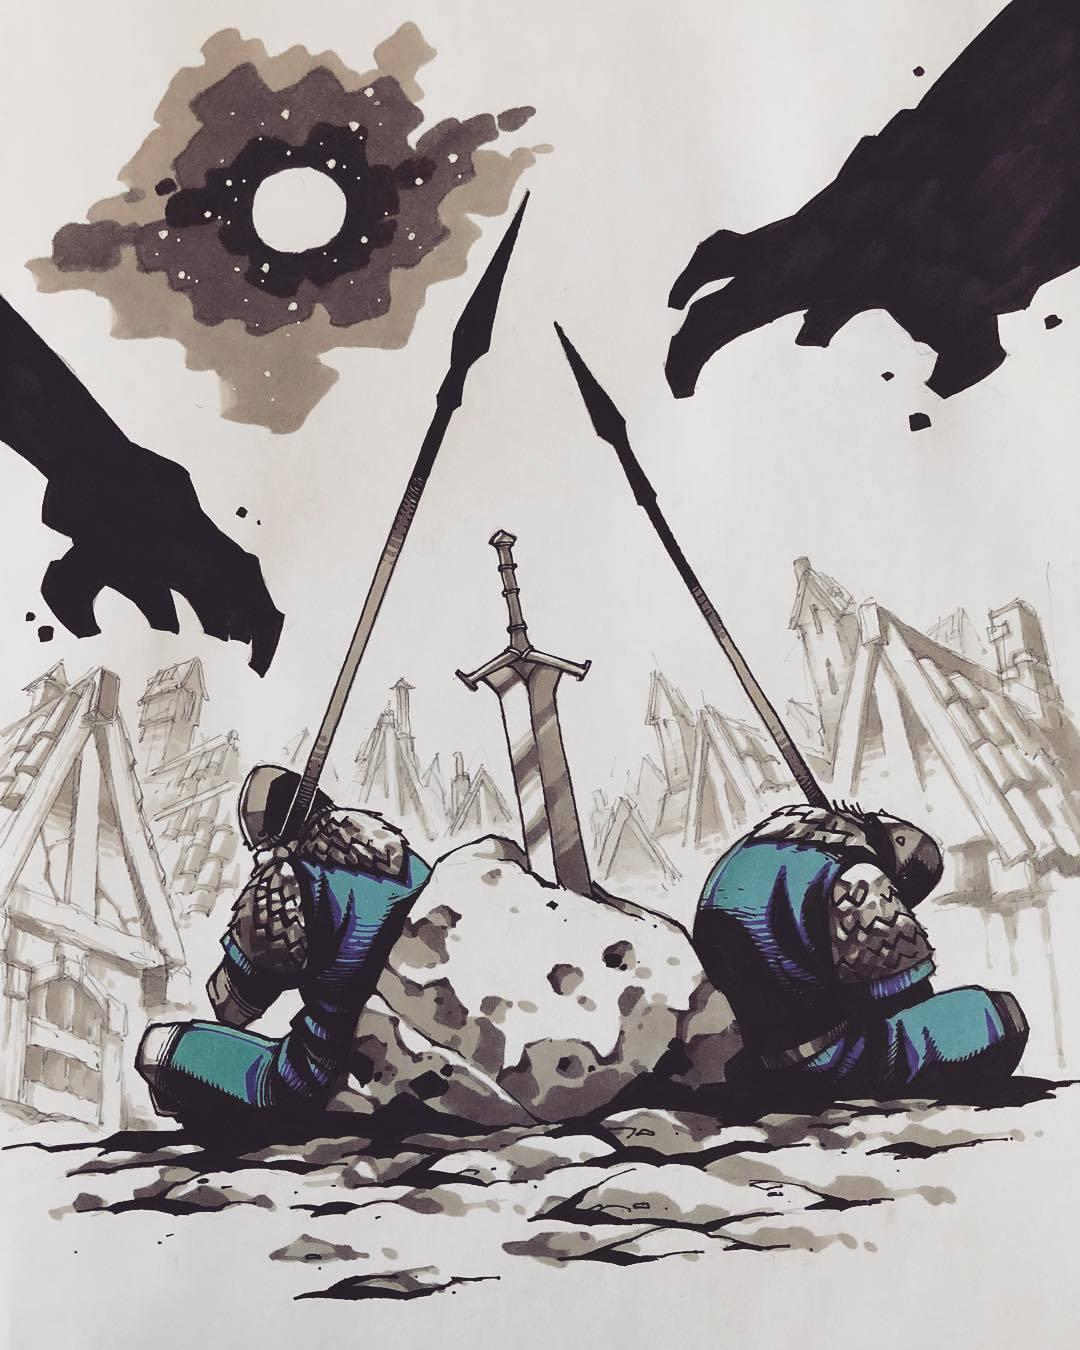 Похитители мечей. - Изображение 12